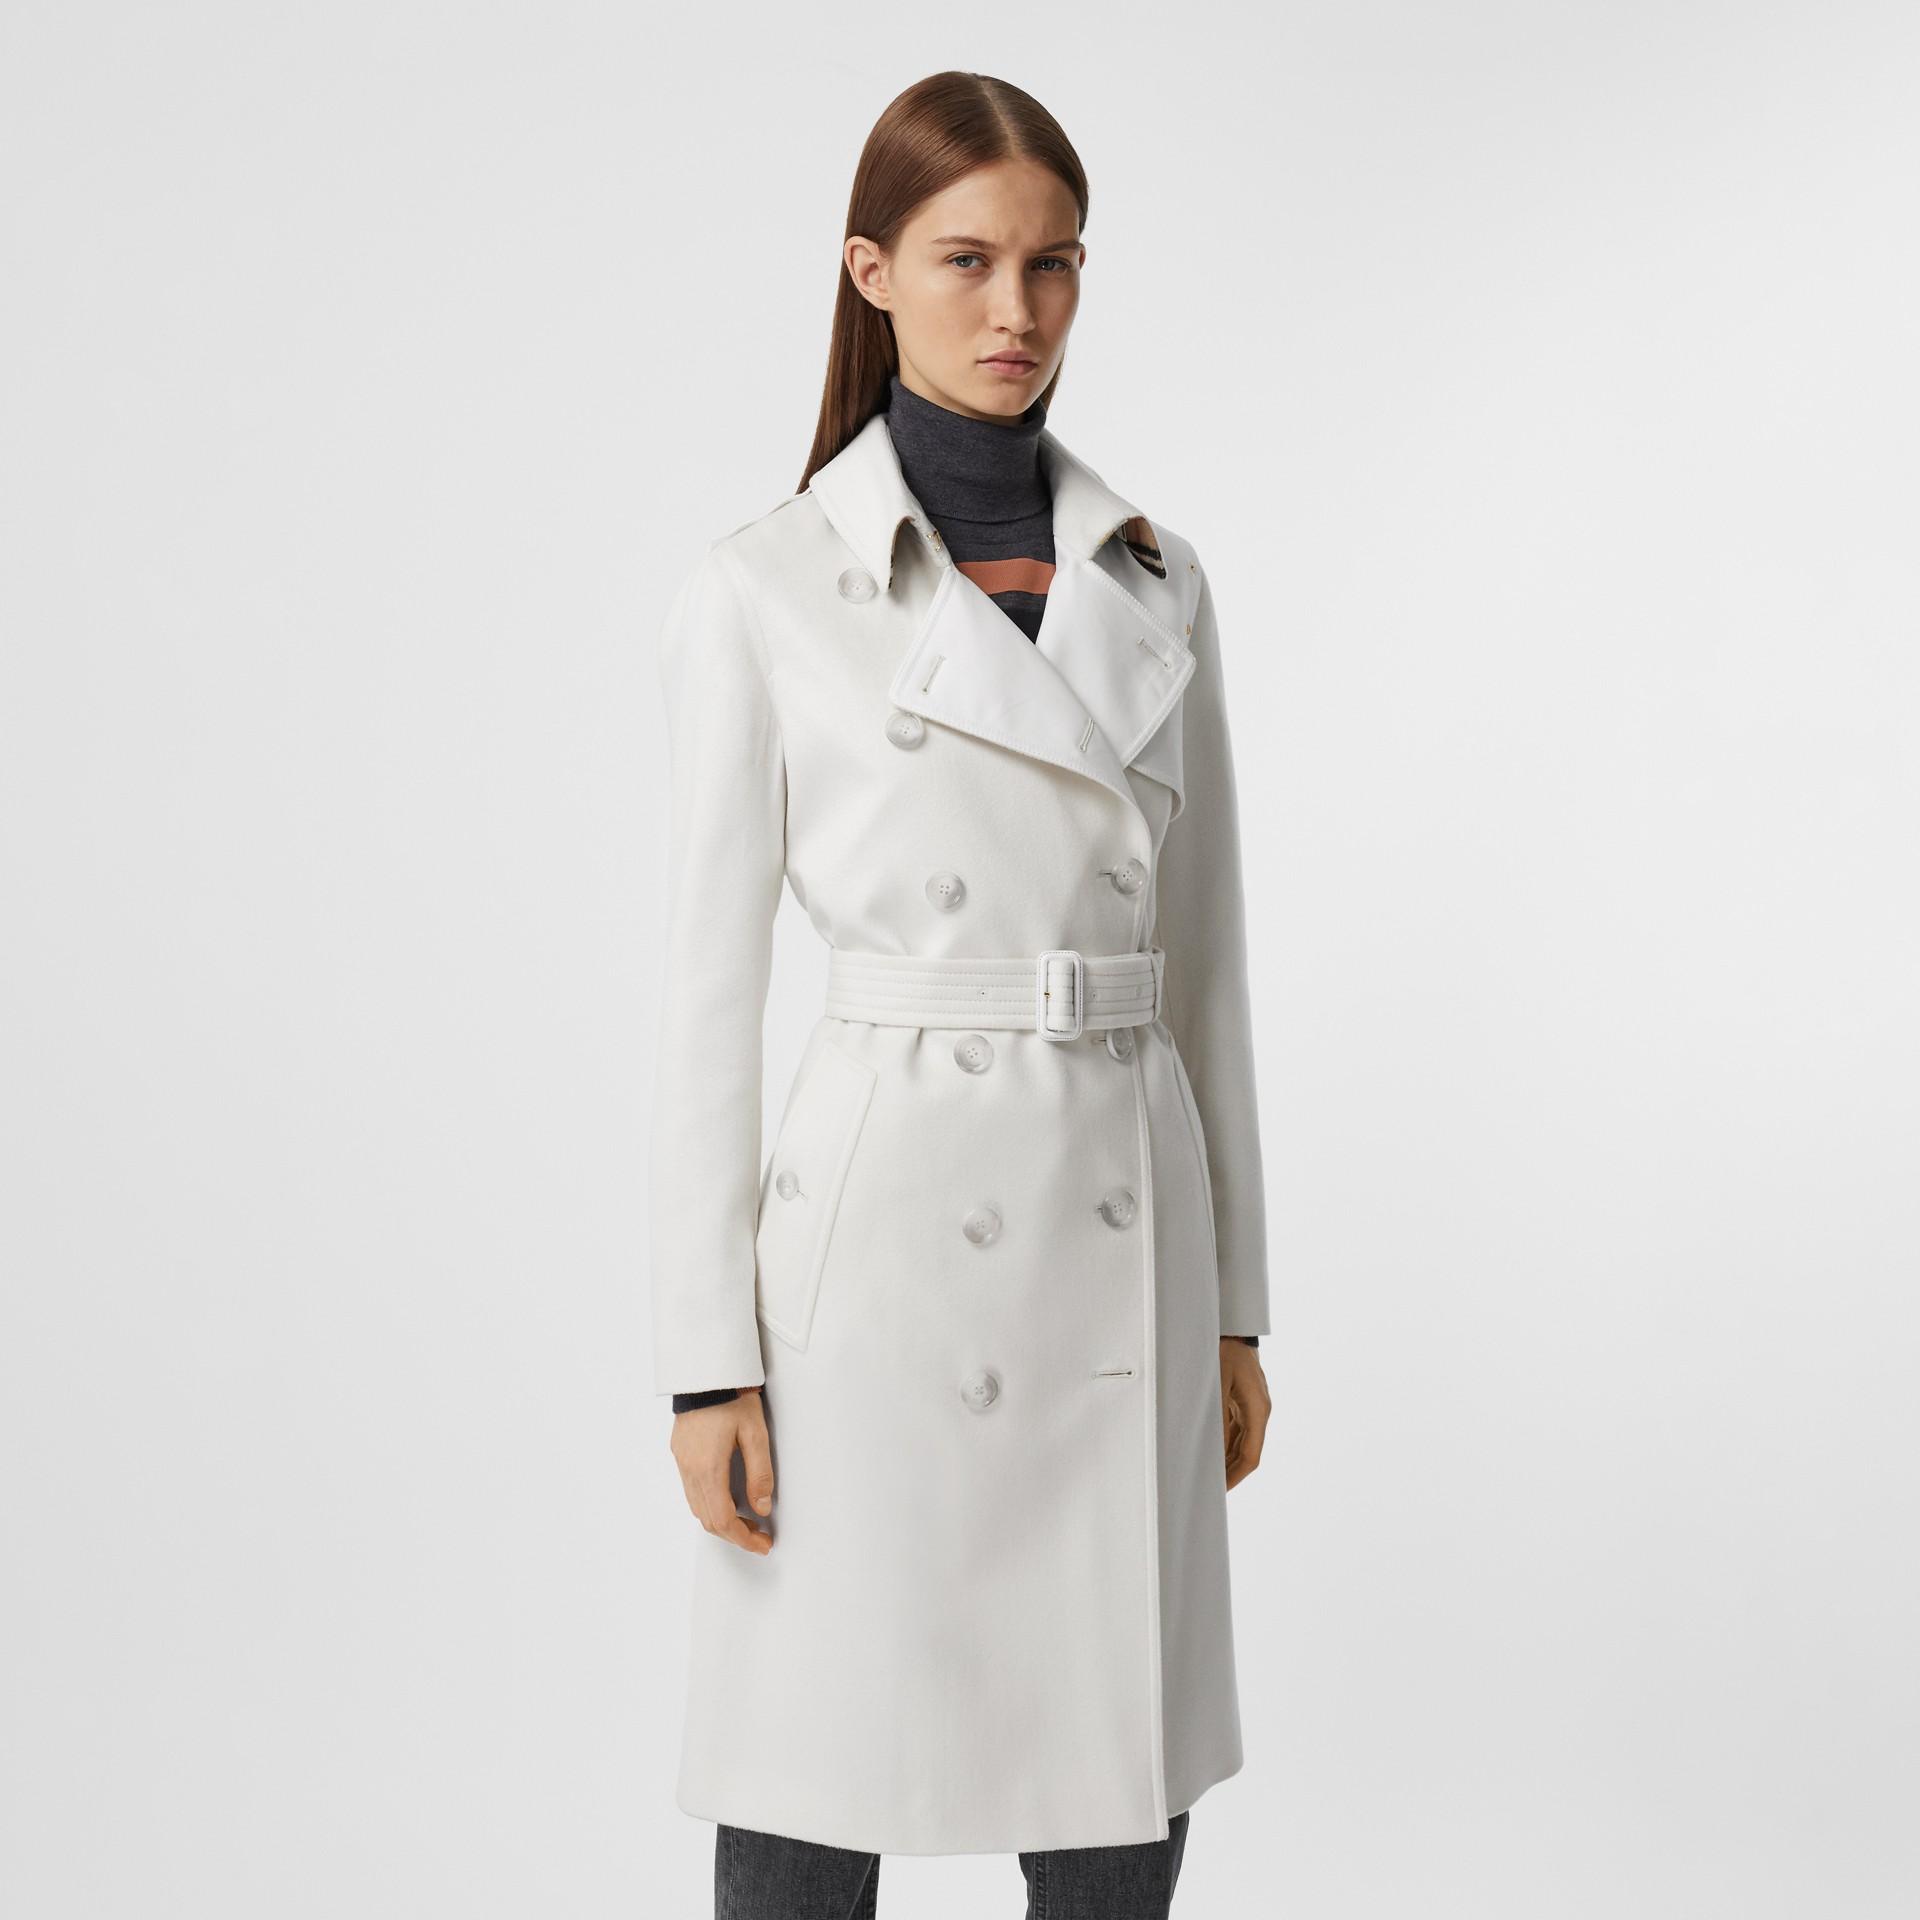 Trench coat in cashmere con pannello in gabardine di cotone (Bianco Naturale) - Donna | Burberry - immagine della galleria 5